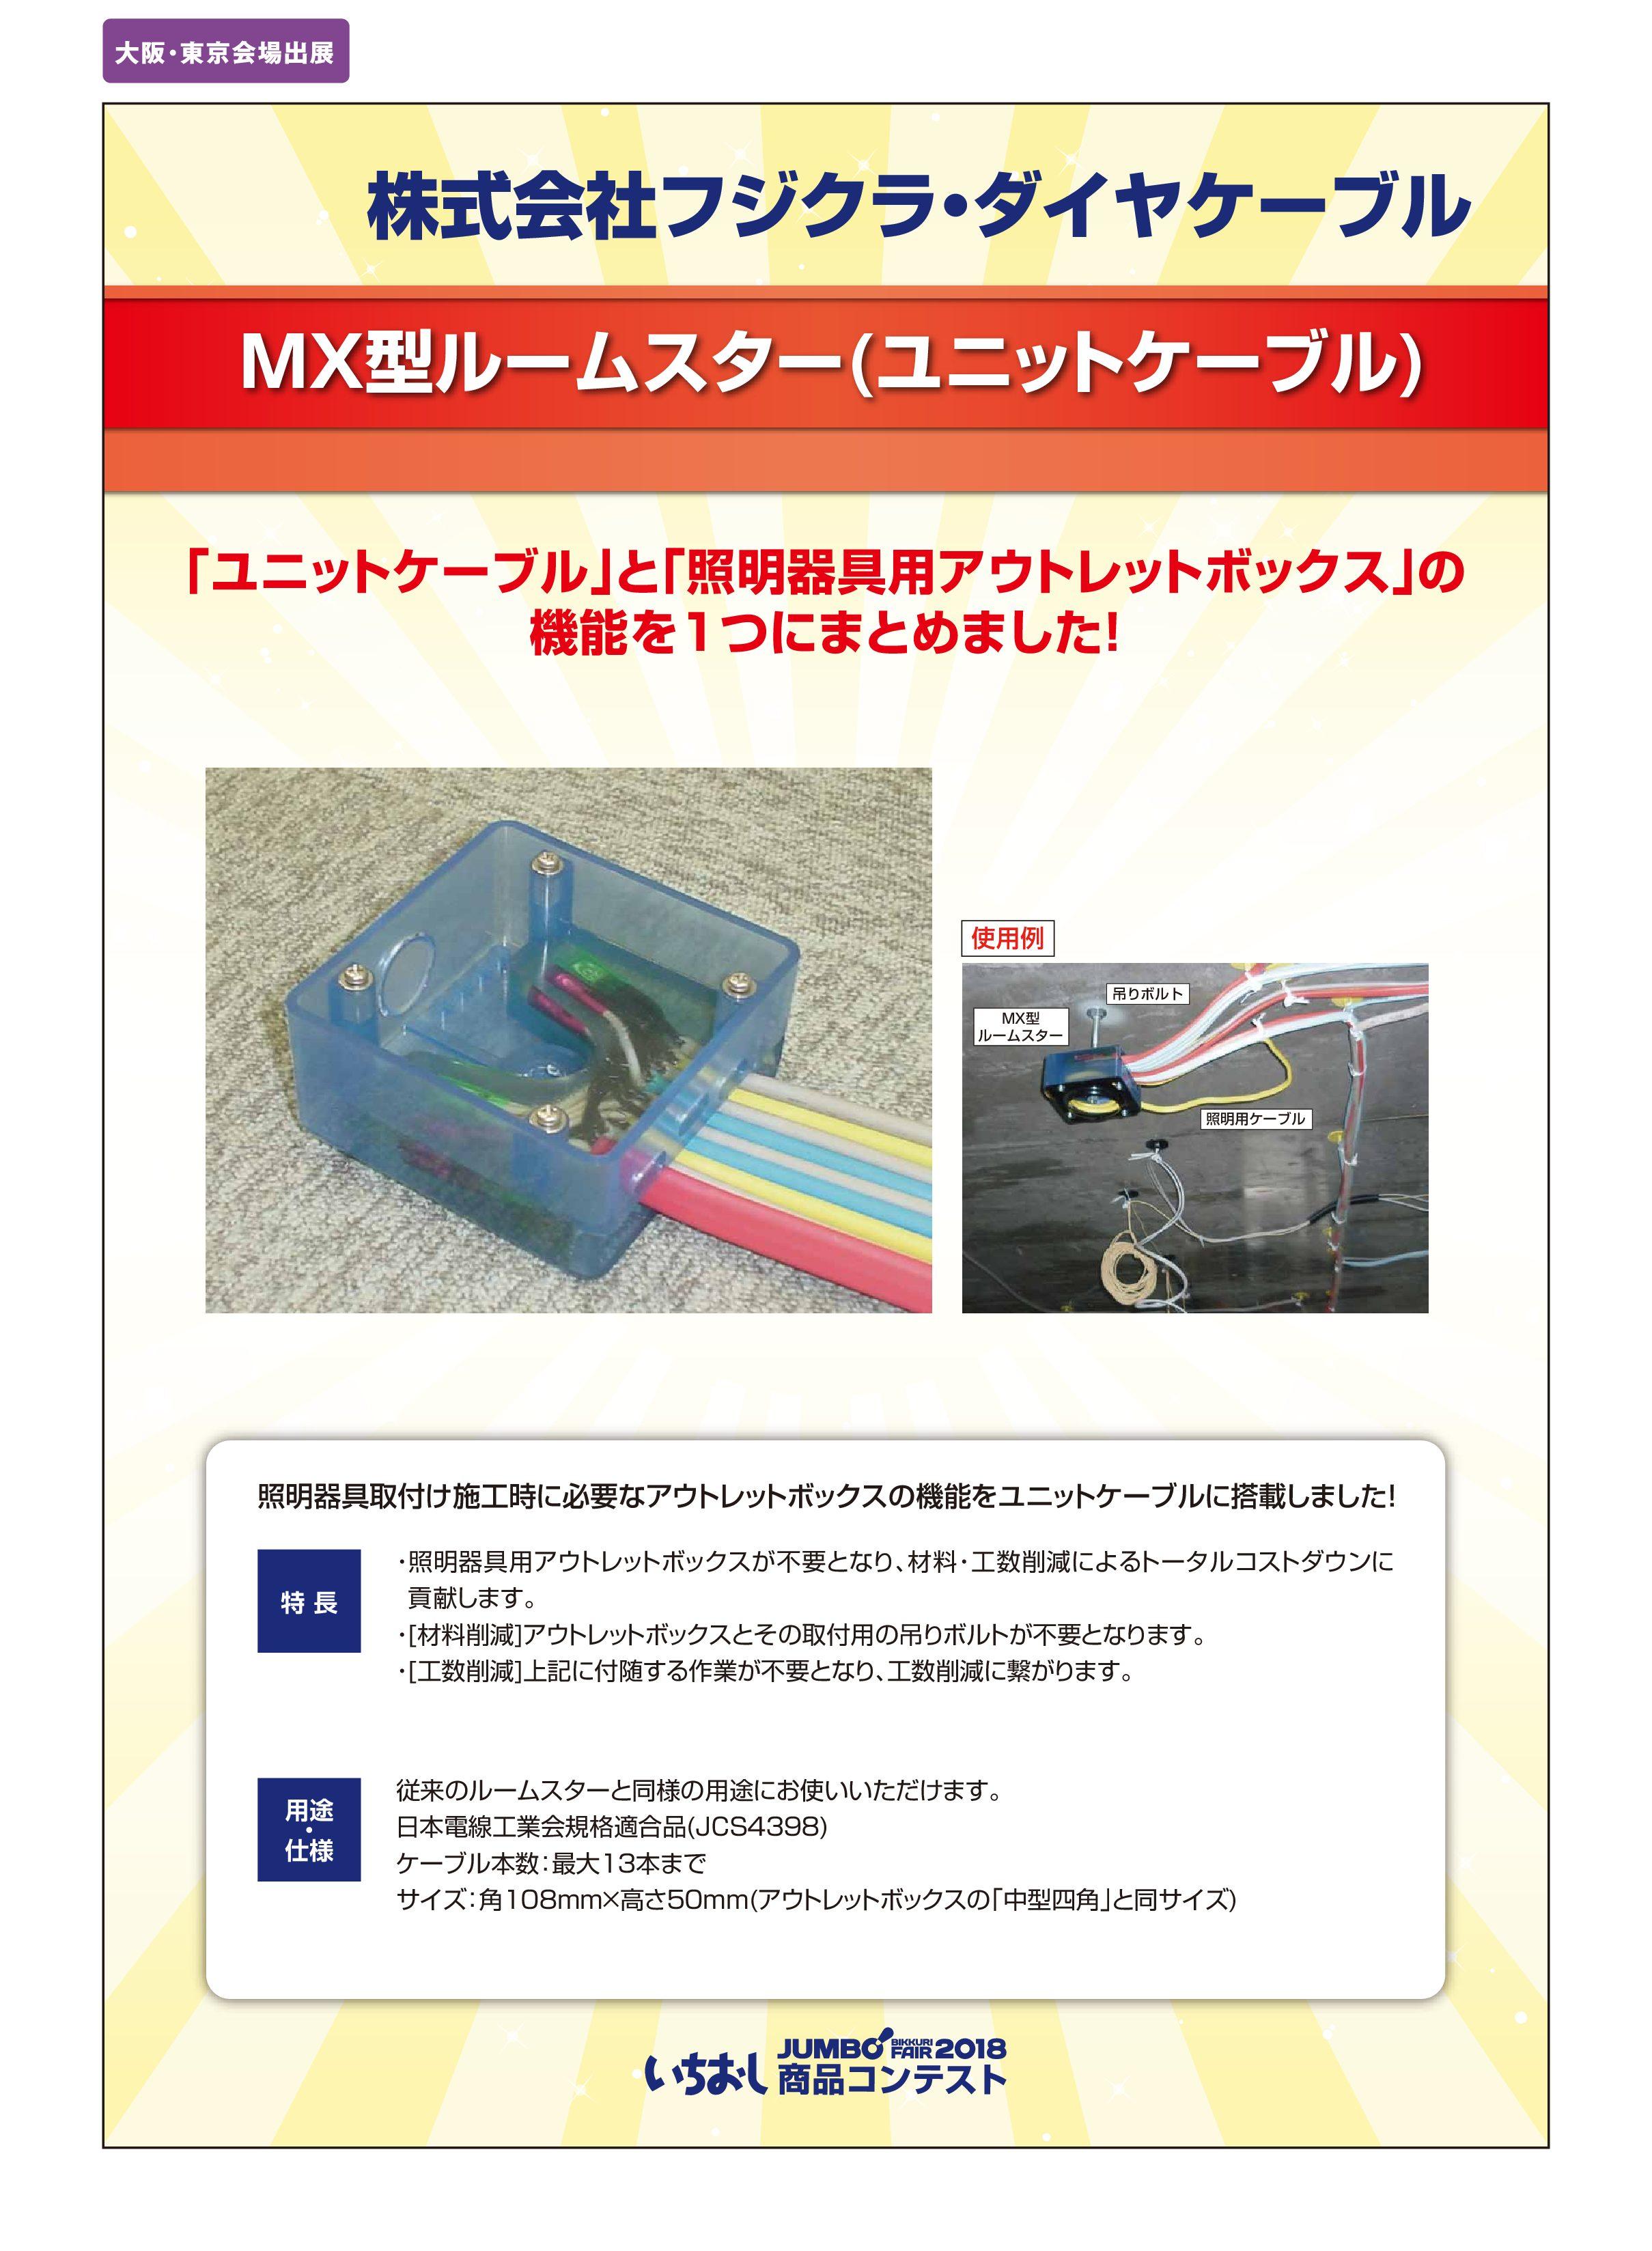 「MX型ルームスター(ユニットケーブル)」株式会社フジクラ・ダイヤケーブルの画像